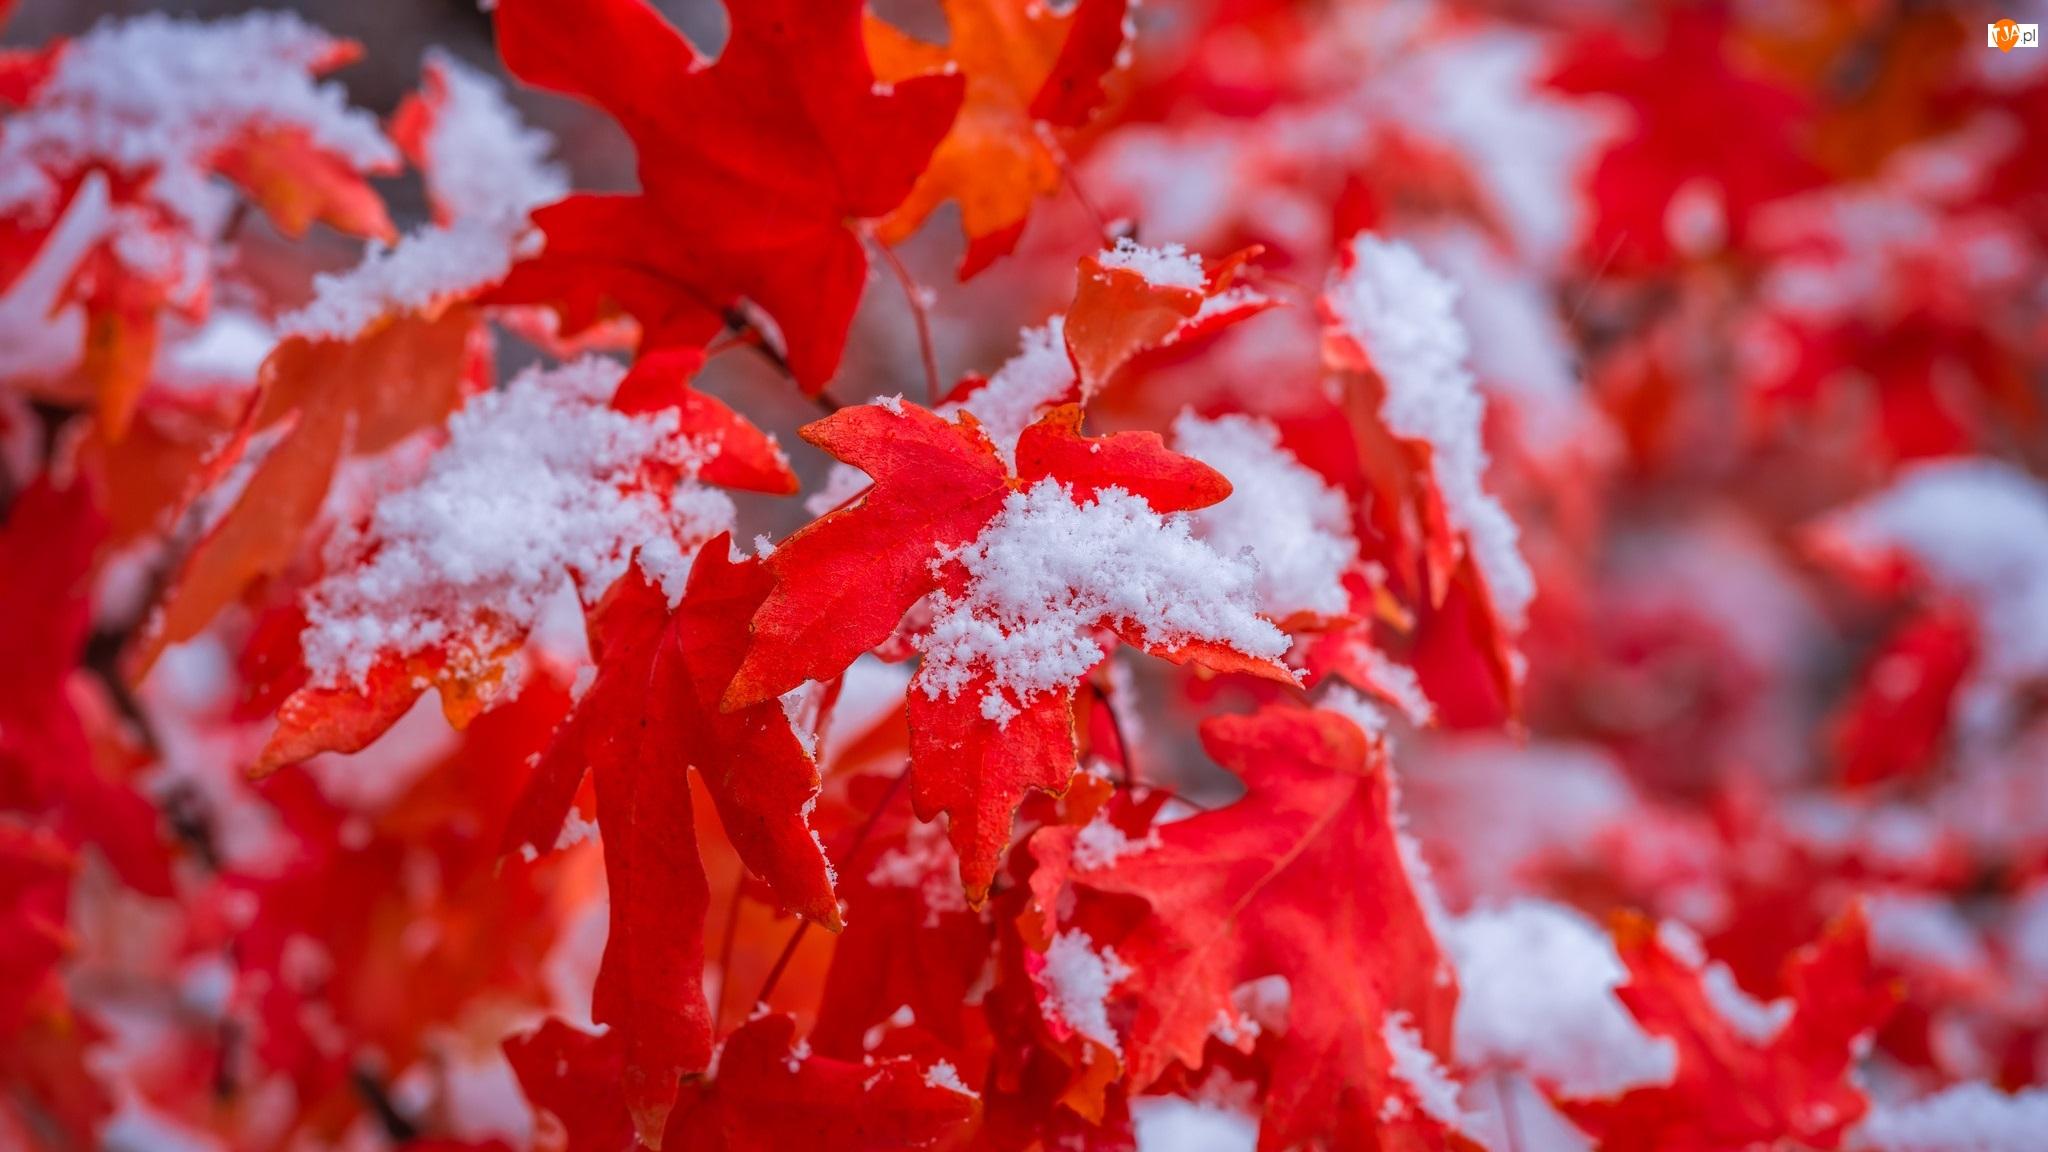 Śnieg, Czerwone, Liście, Klon